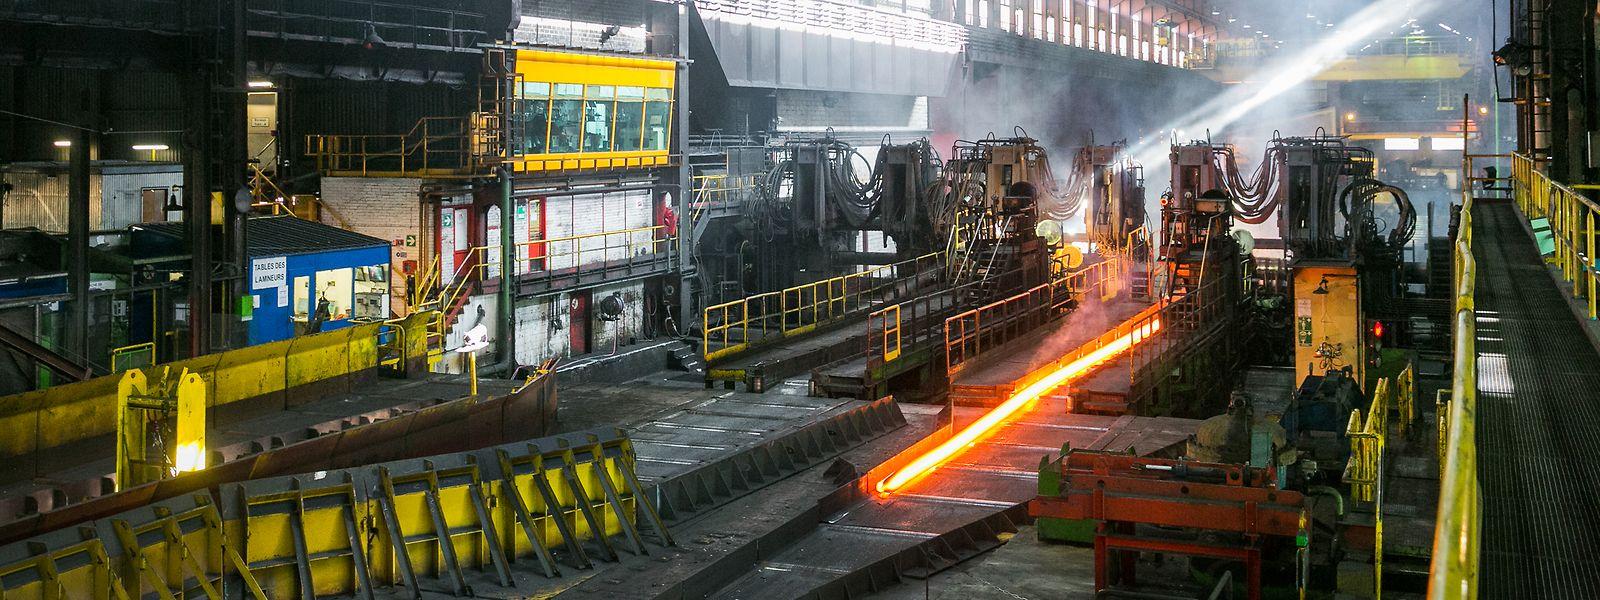 Selon les estimations d'ArcelorMittal, la future usine de biogaz de Rodange doit réduire de 25% la consommation de gaz naturel du site et faire économiser 4.000 tonnes d'émission de CO2 par an.